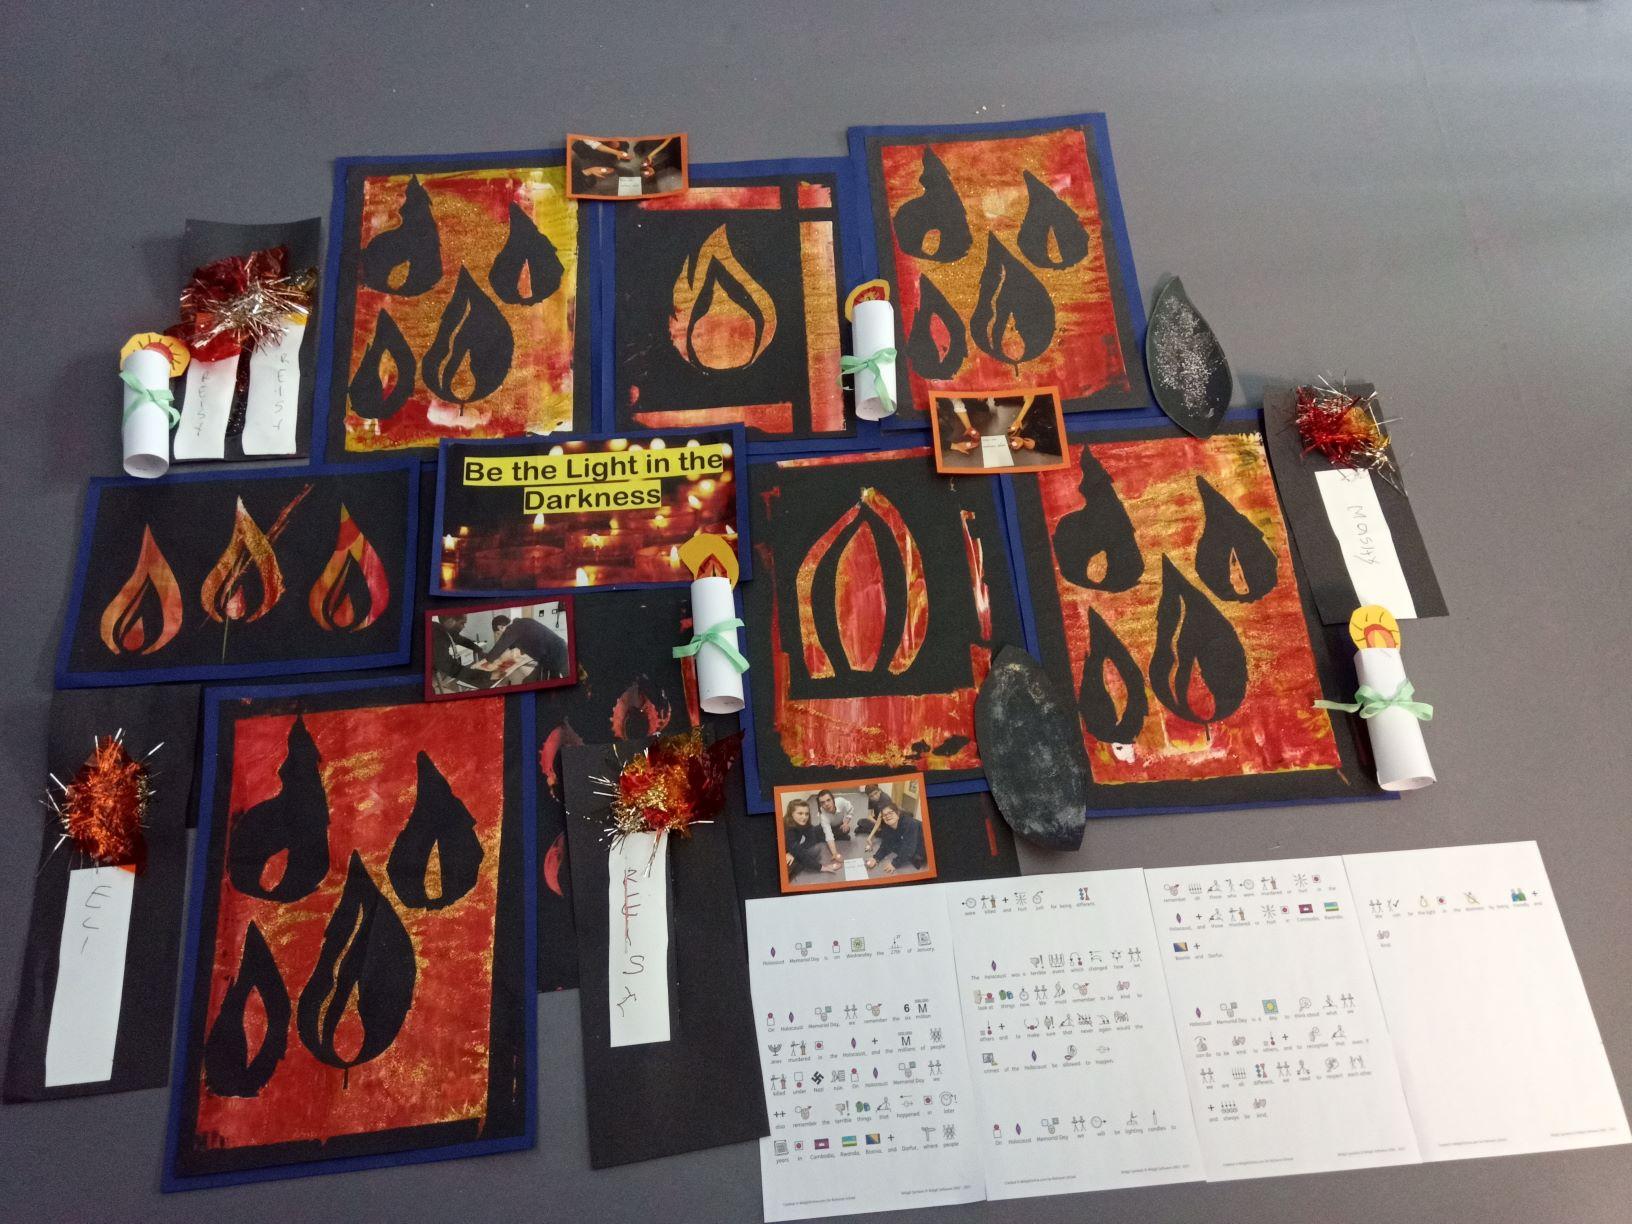 Memorial Flame Art Display